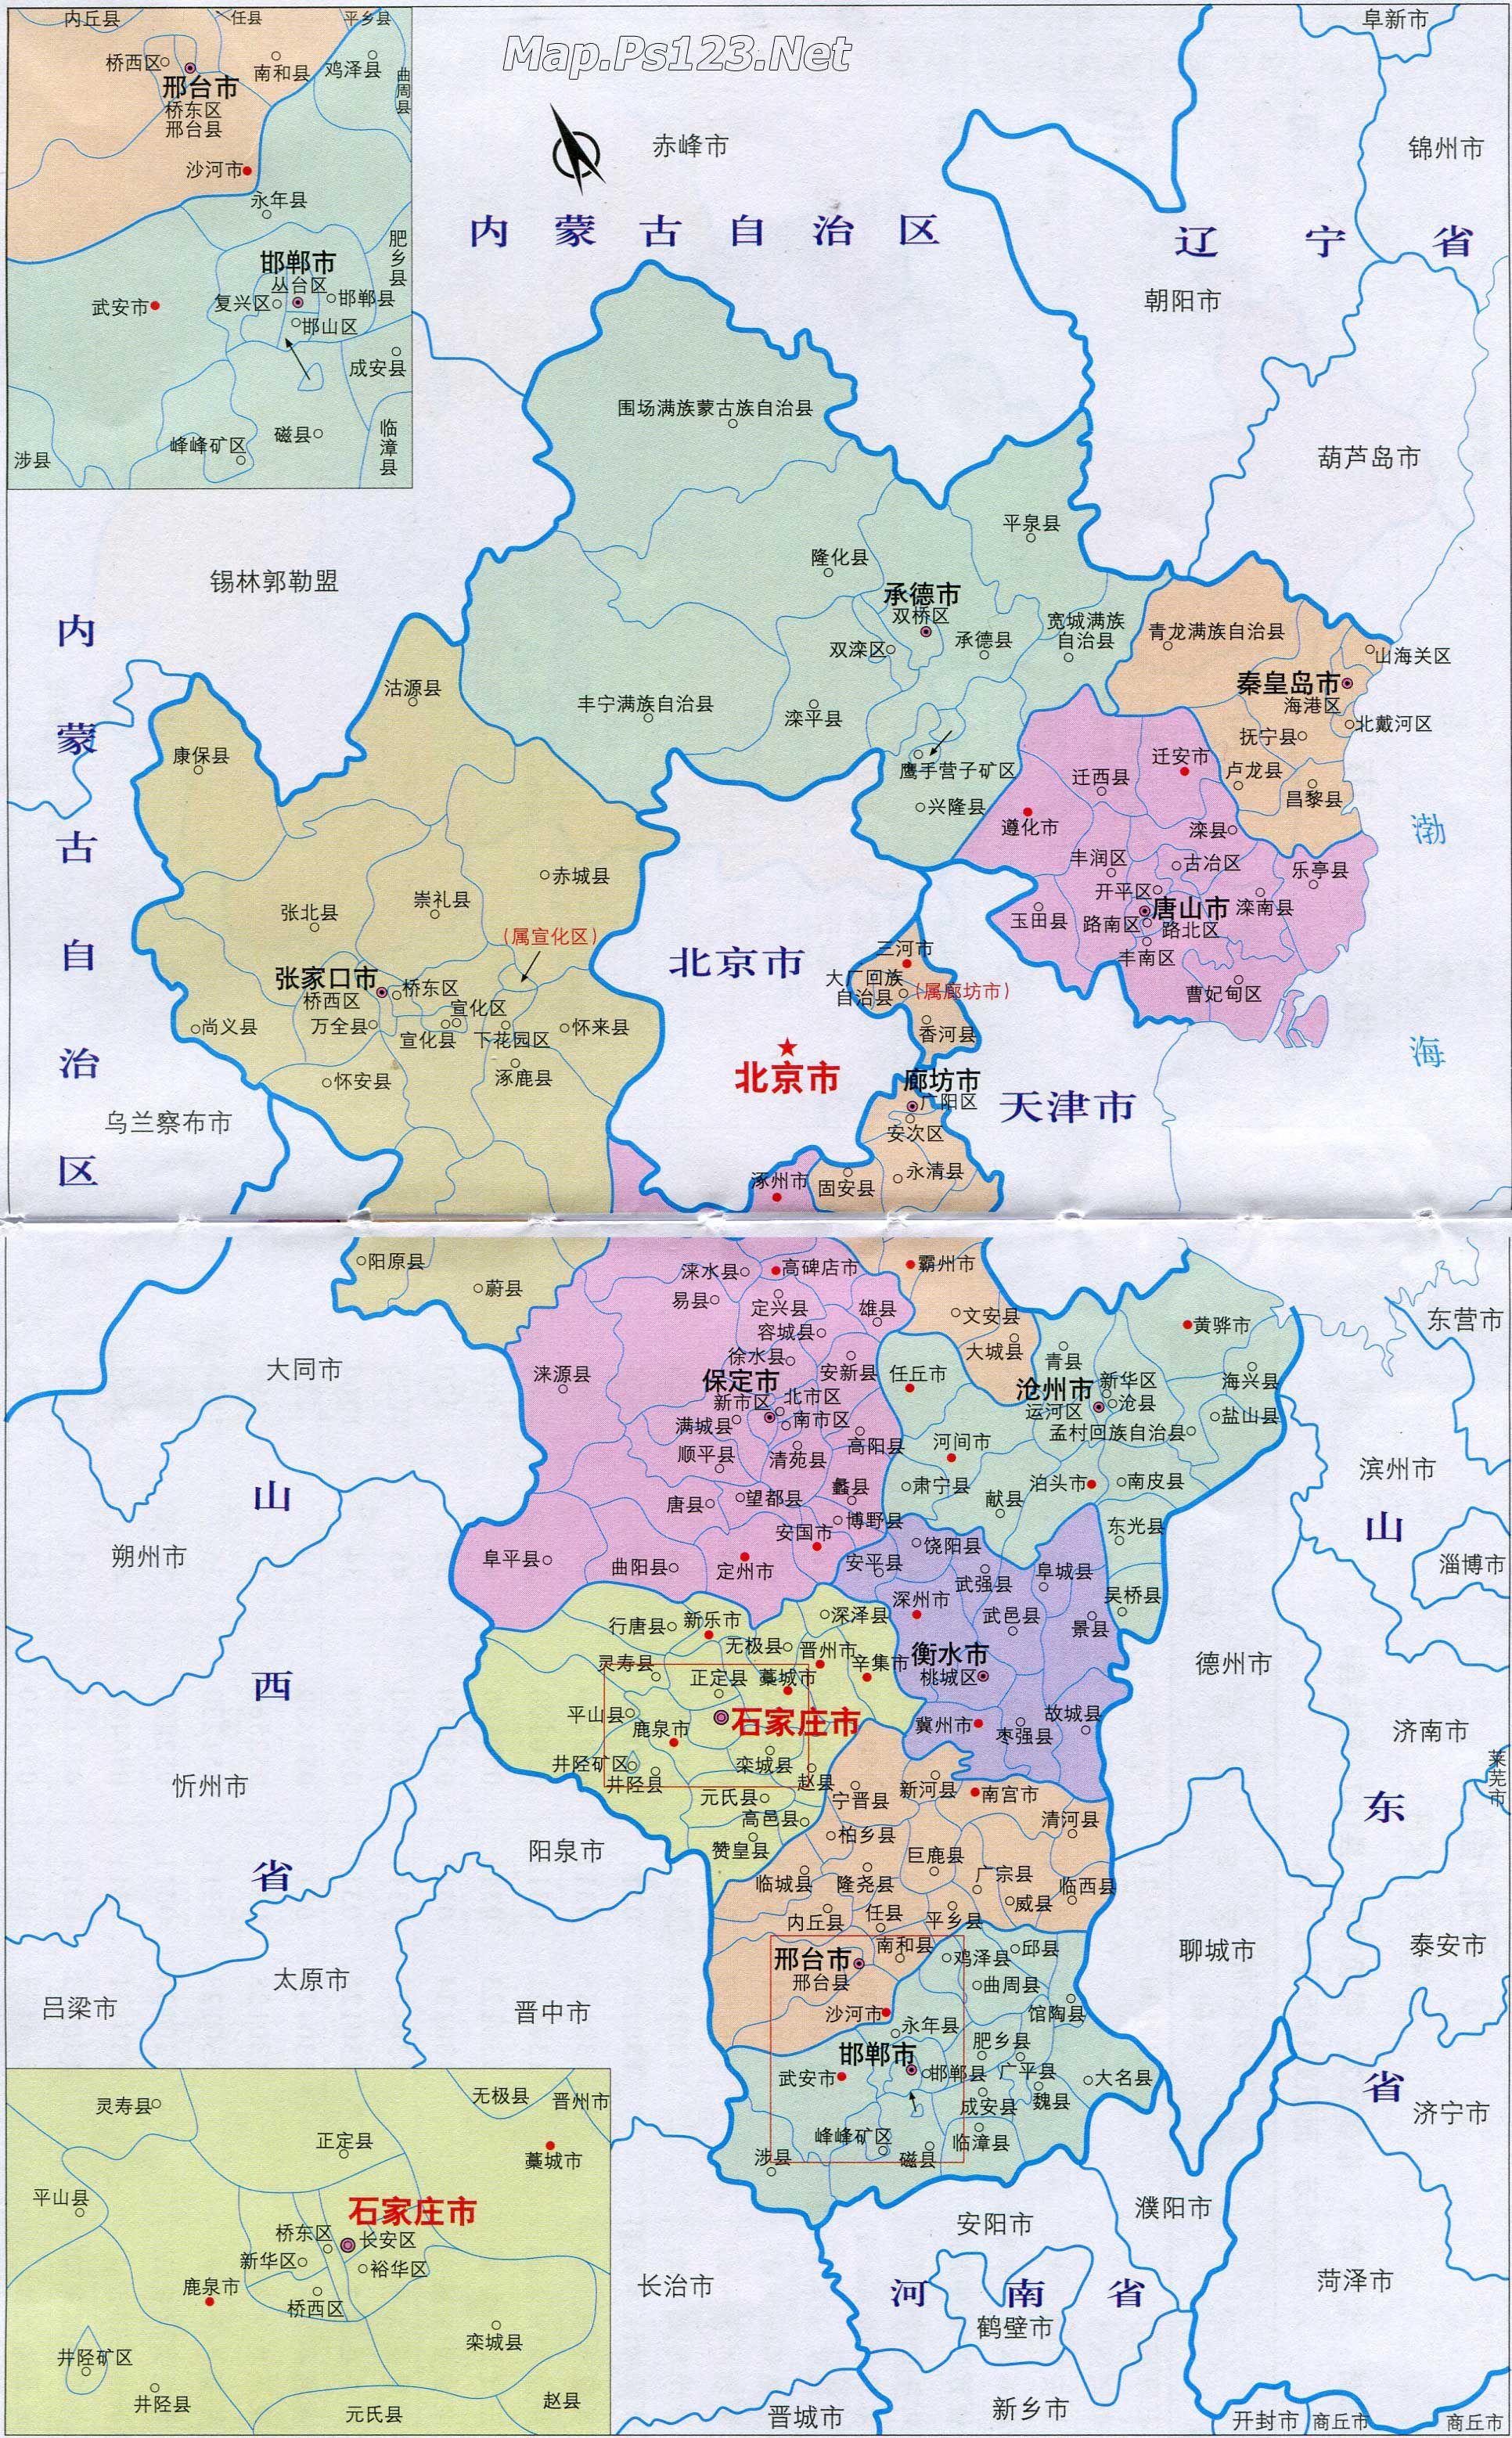 行政区划网资料-河北 01图片